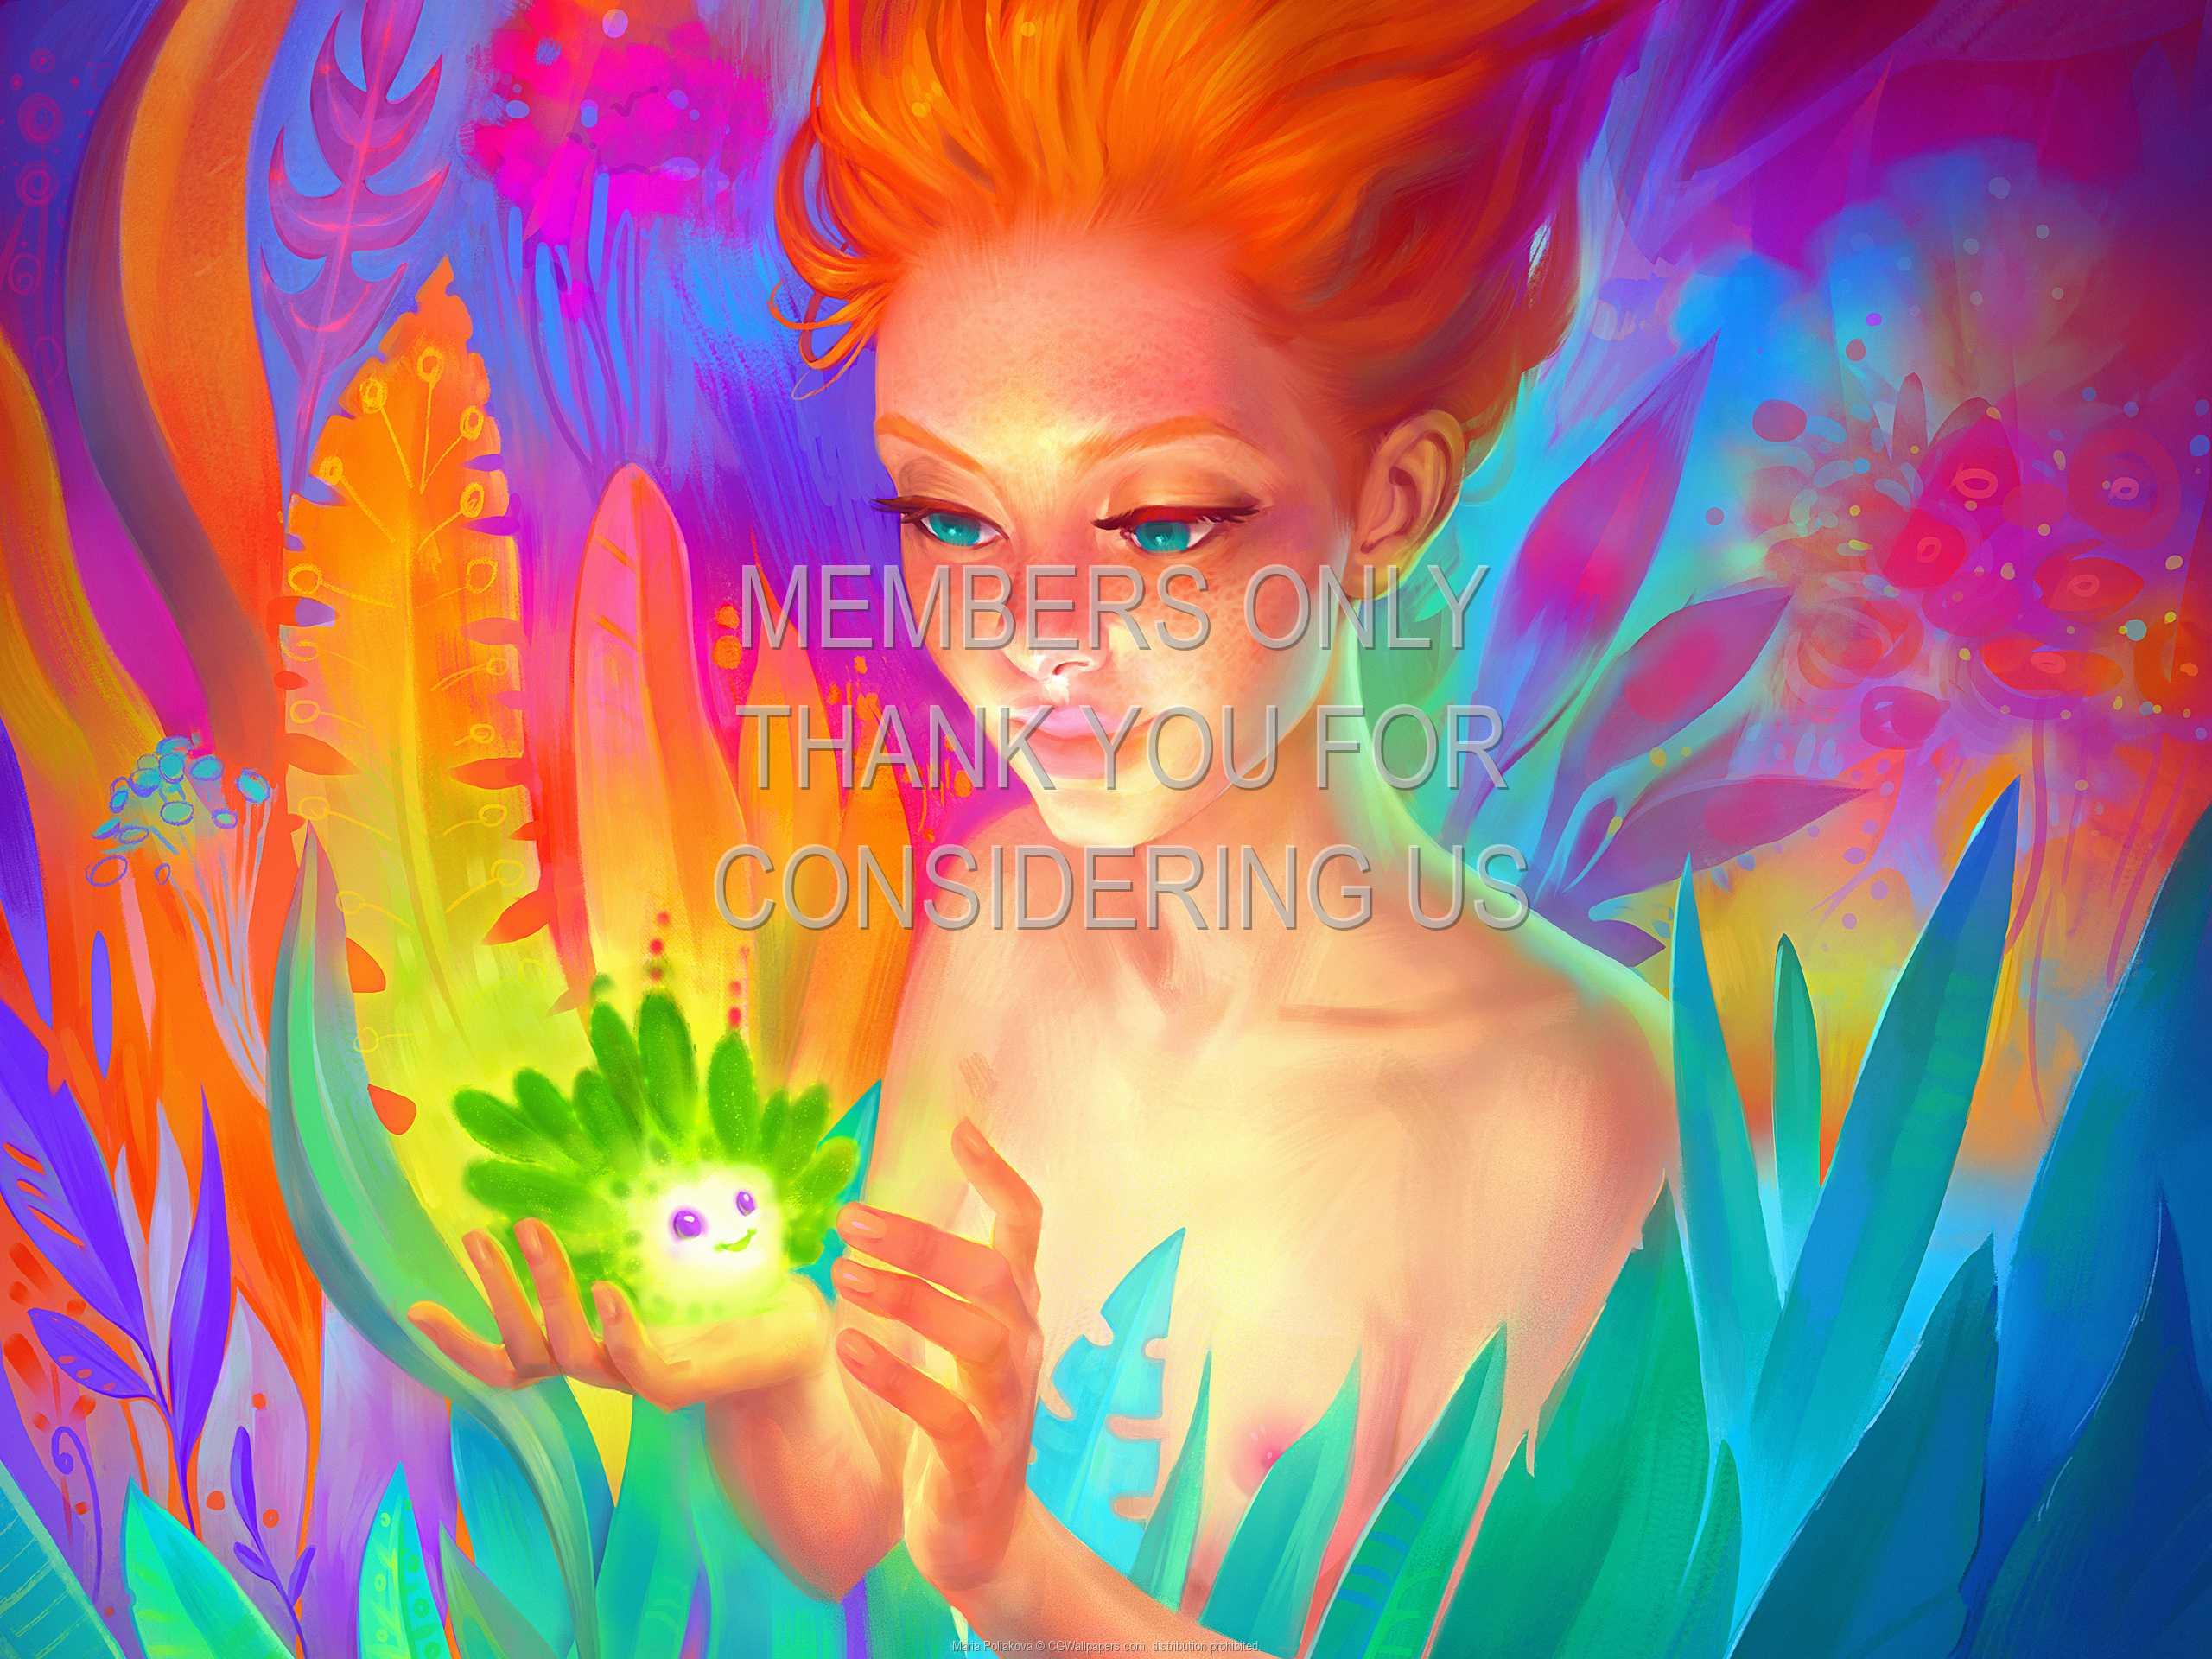 Maria Poliakova 1080p Horizontal Mobile wallpaper or background 01